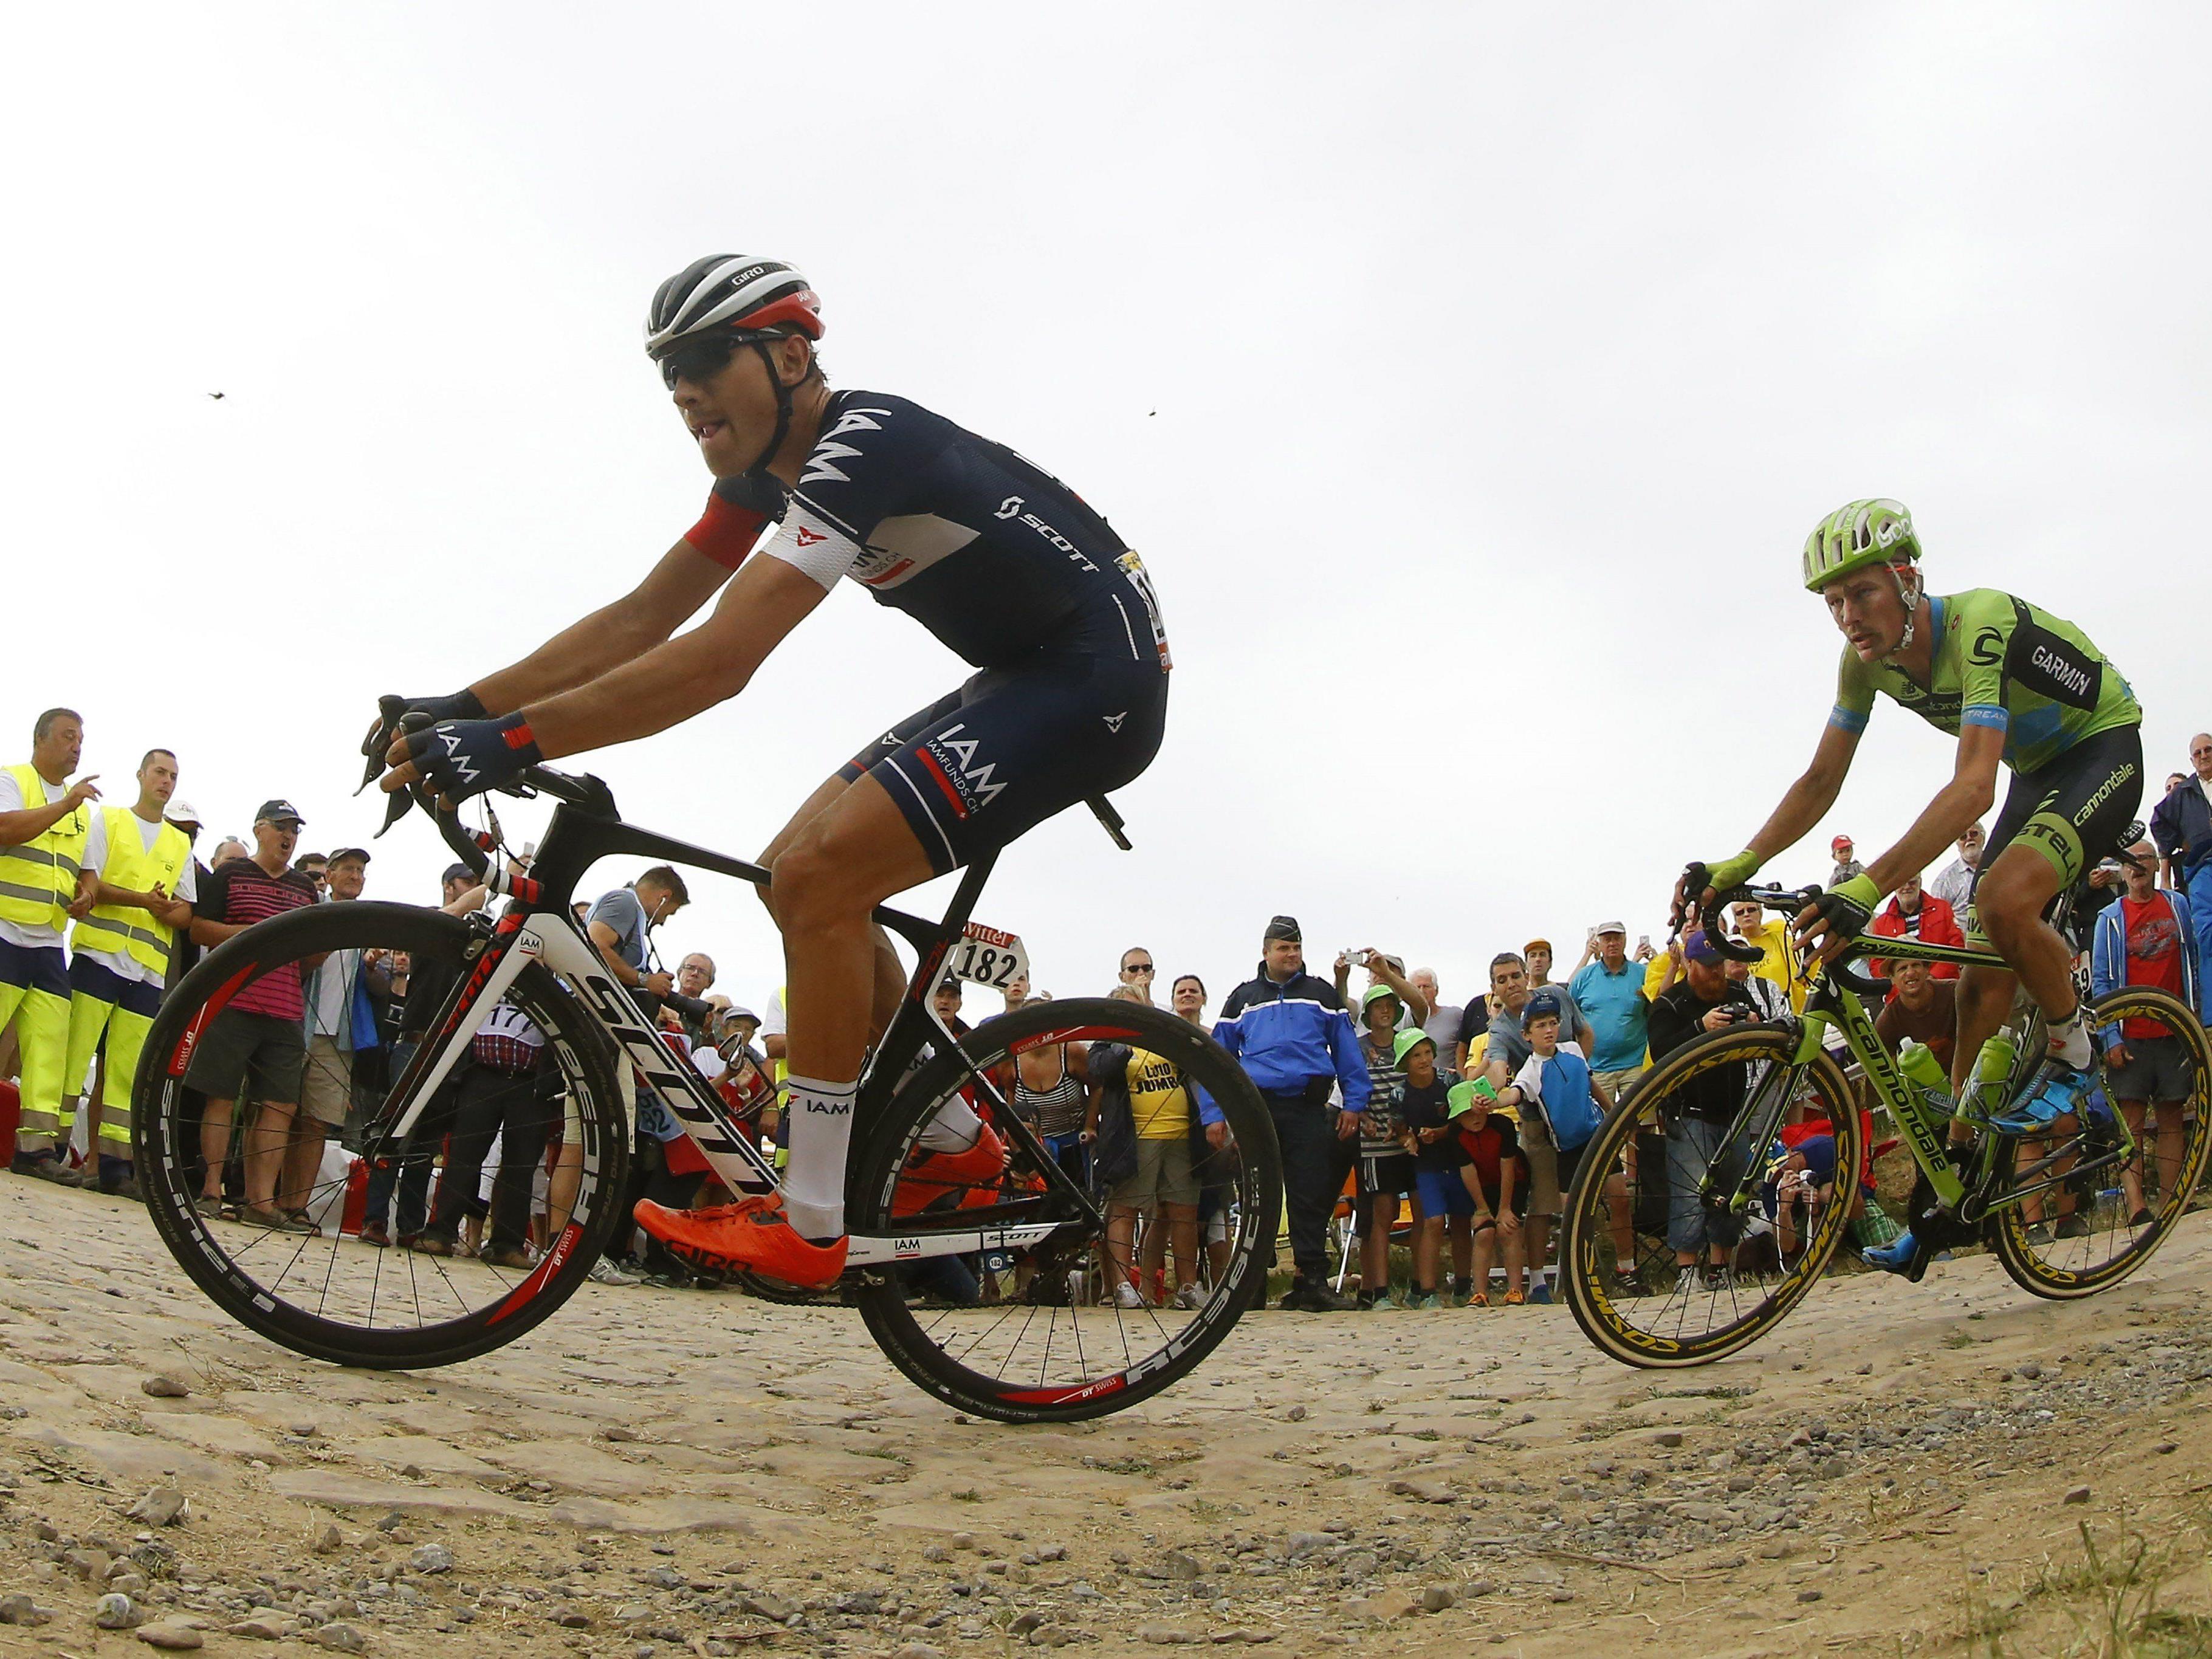 Der 25-jährige Hohenemser Mathias Brändle verbuchte schon zwei Topplätze bei der Tour de France.